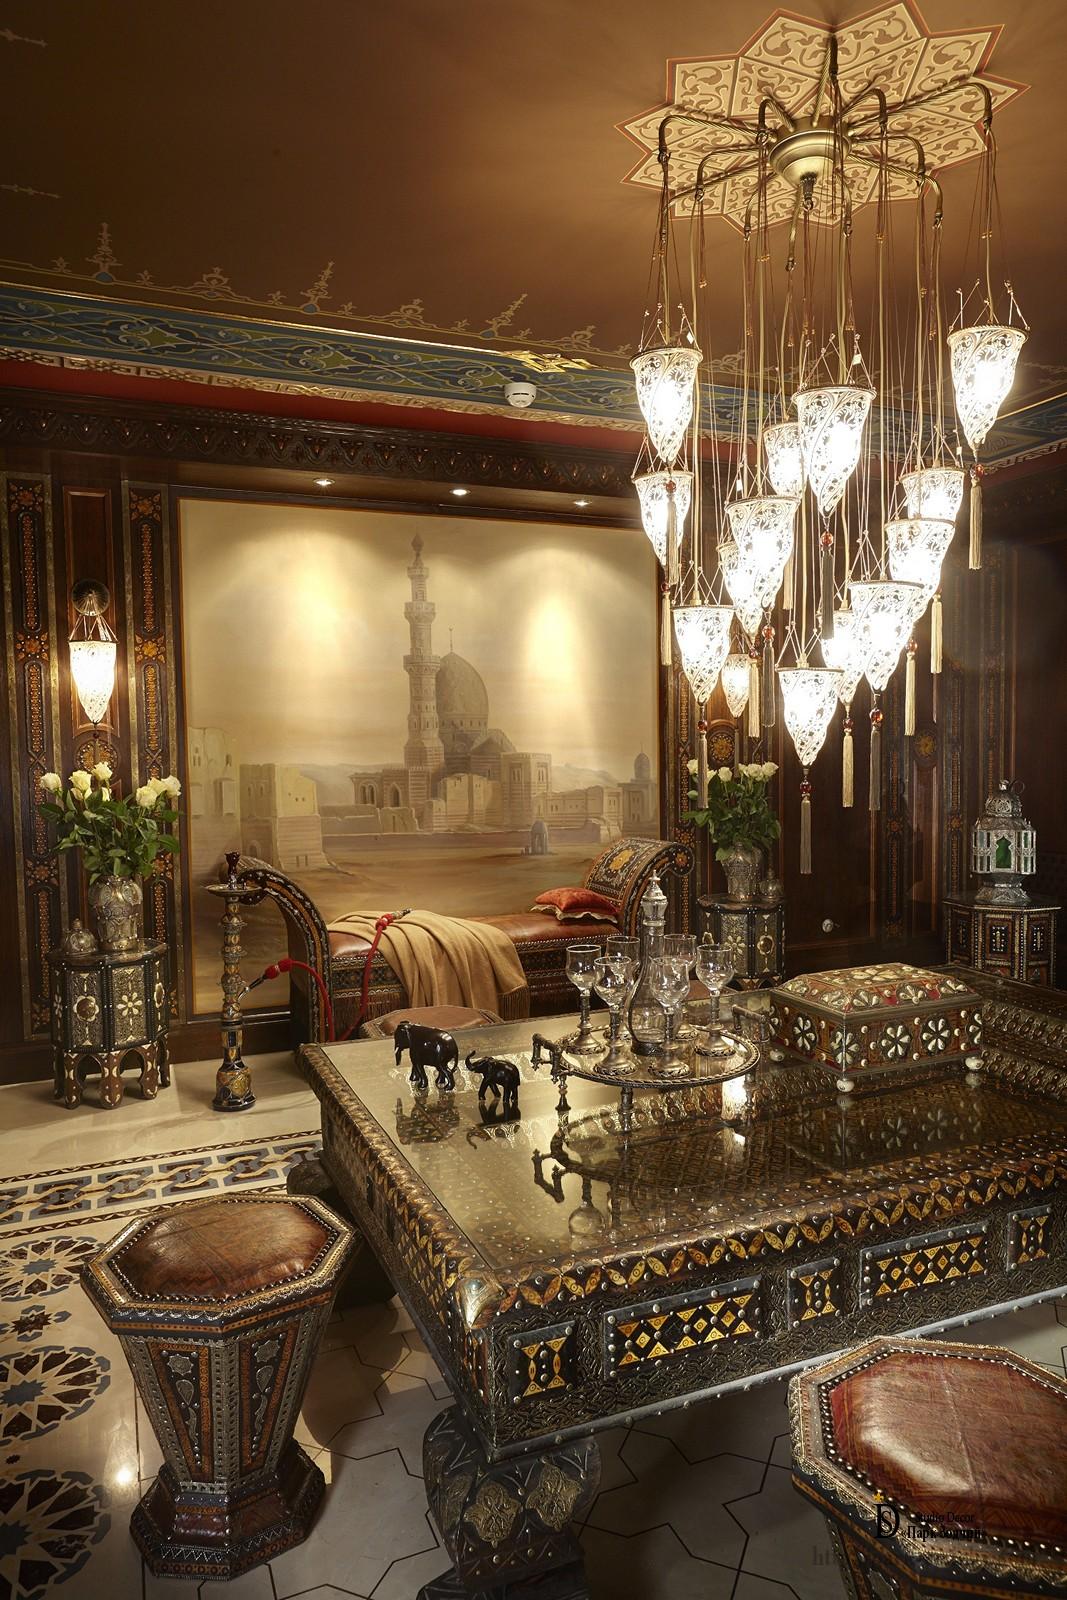 Роспись выполнена в светло-бежевой гамме и замечательно контрастирует с темными стенами и потолком